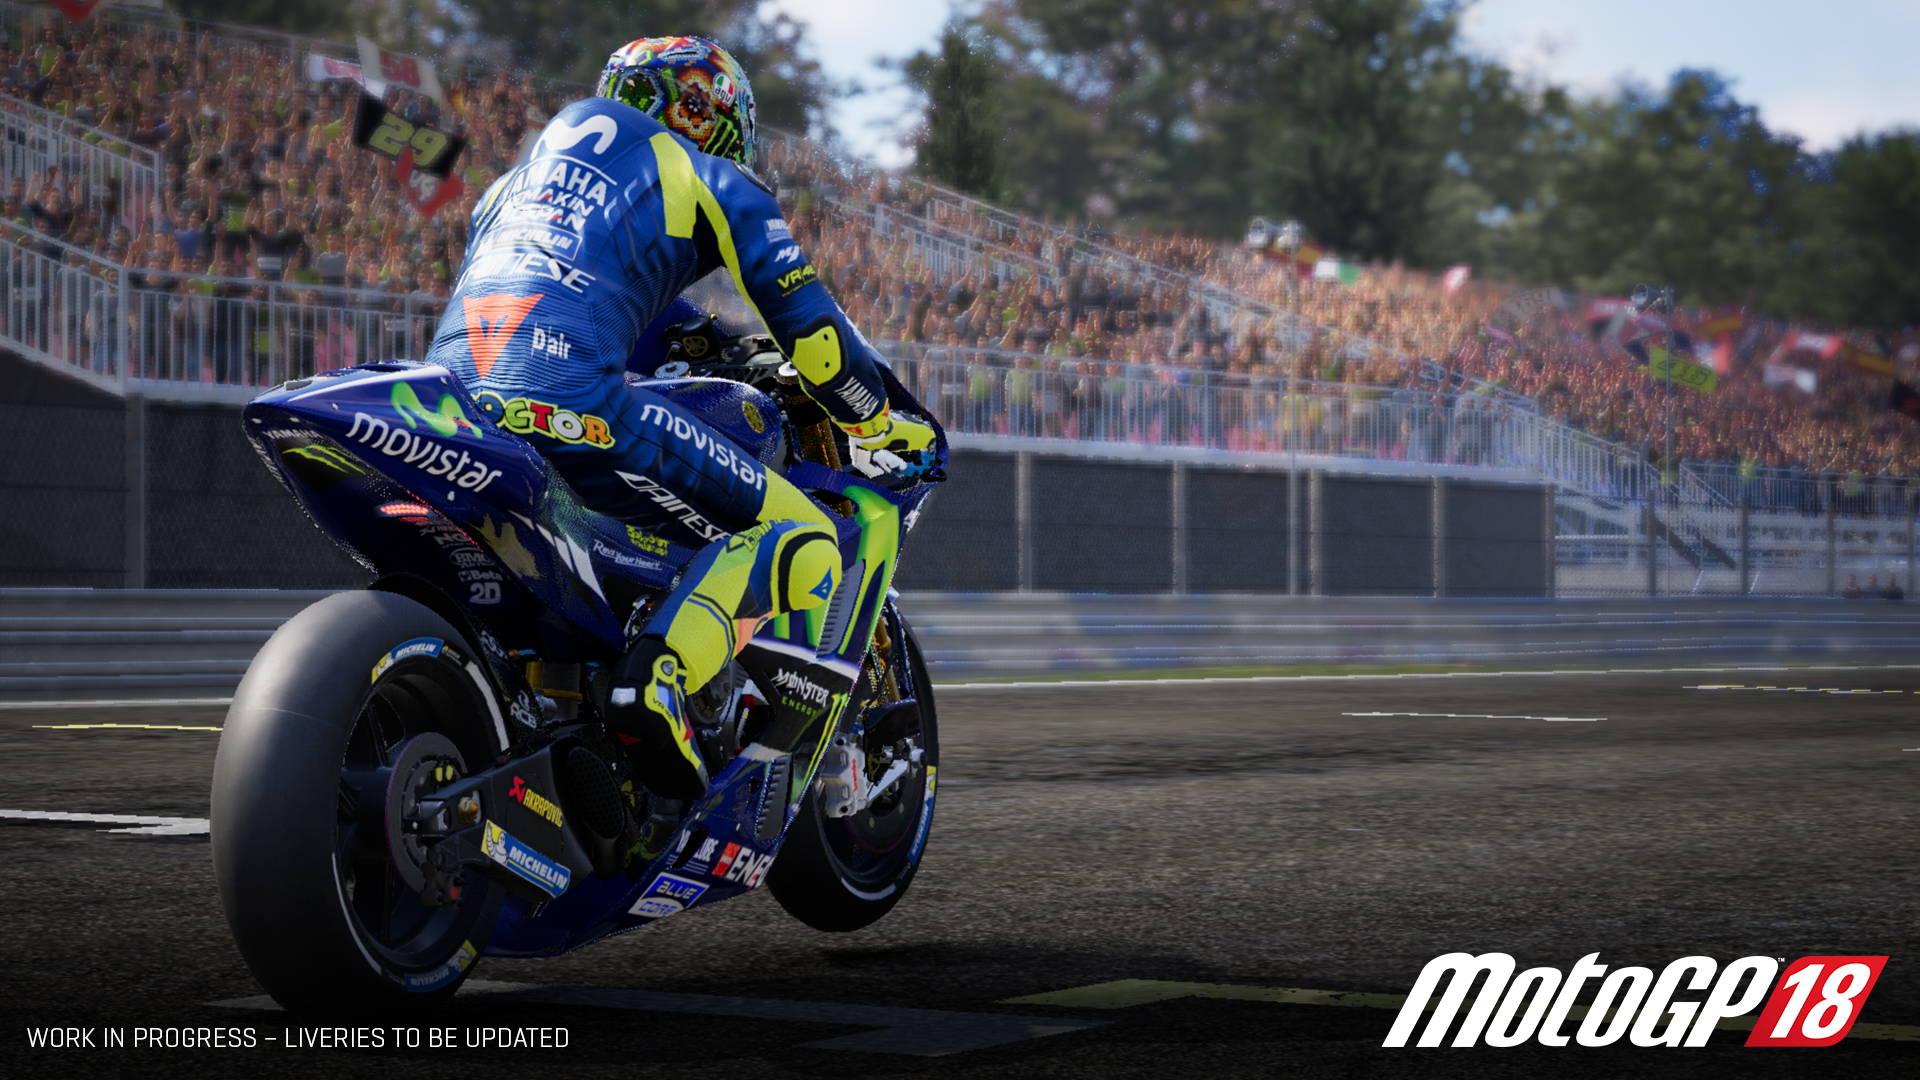 motogp18_images_0013